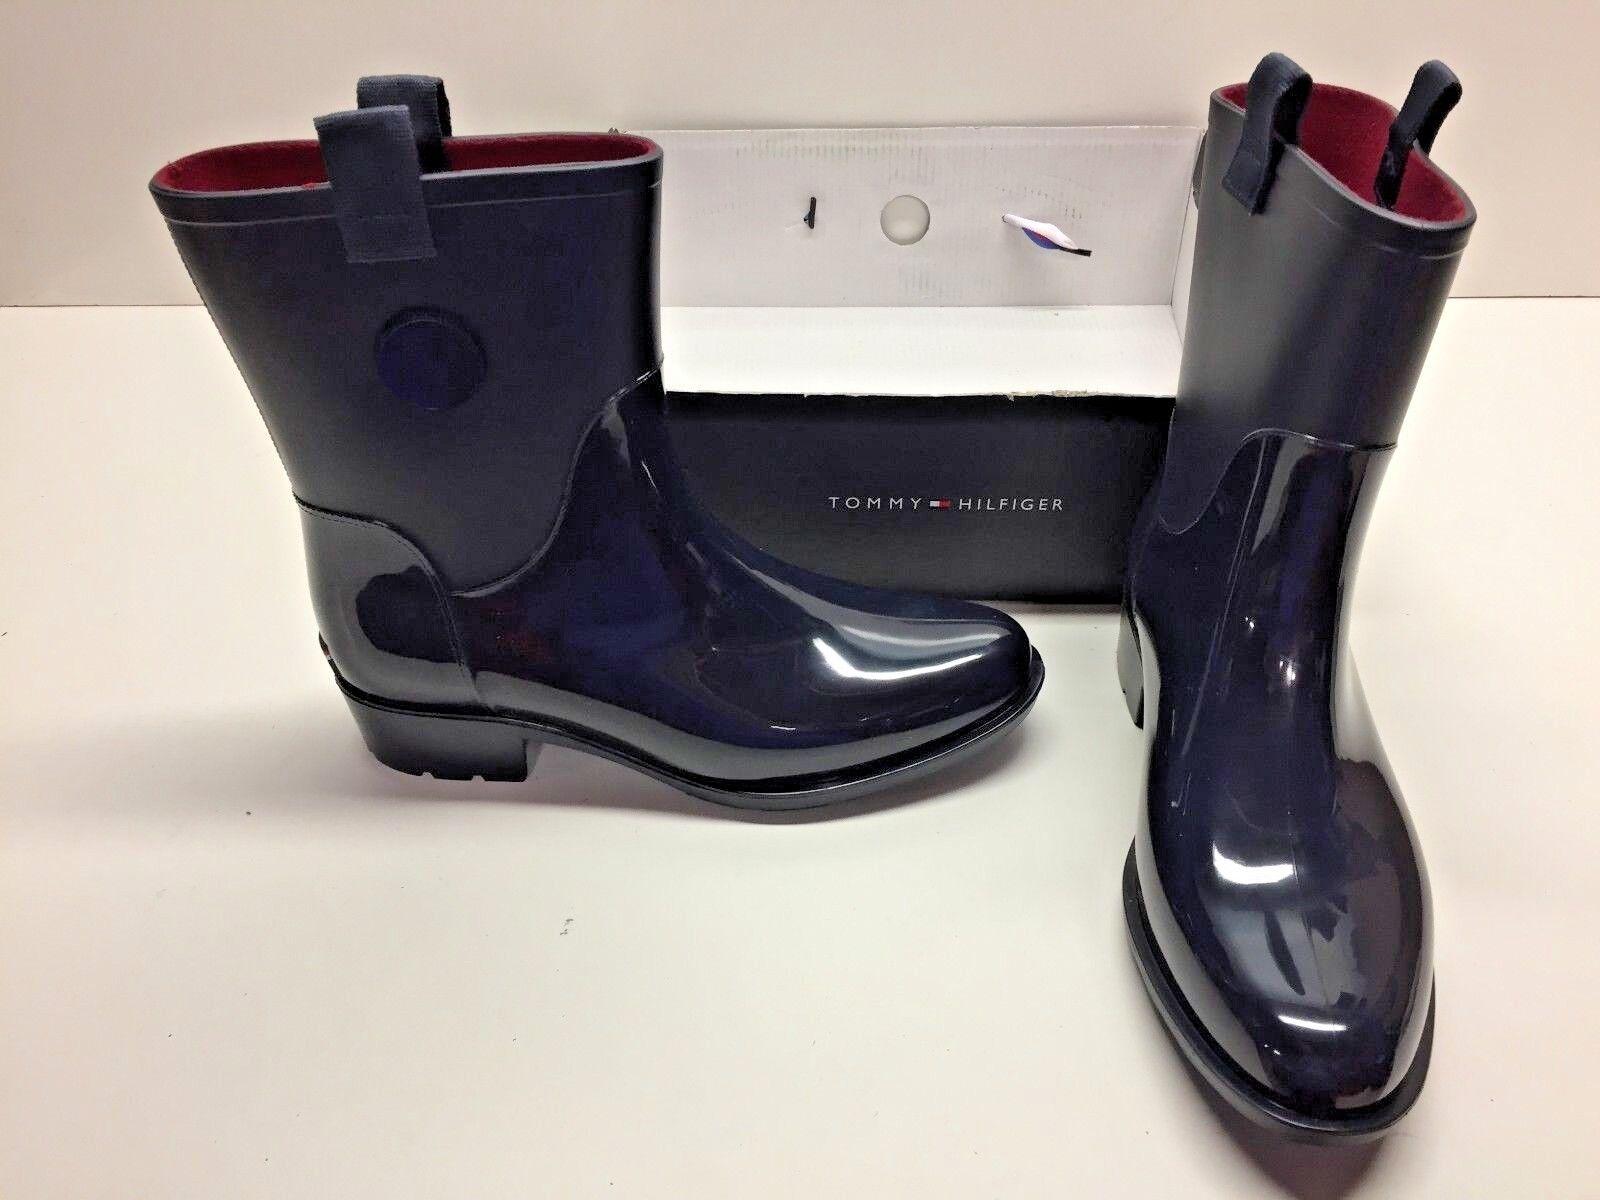 Tommy Hilfiger Khristie Rubber Rain Stiefel Navy Schuhes Damenschuhe 8